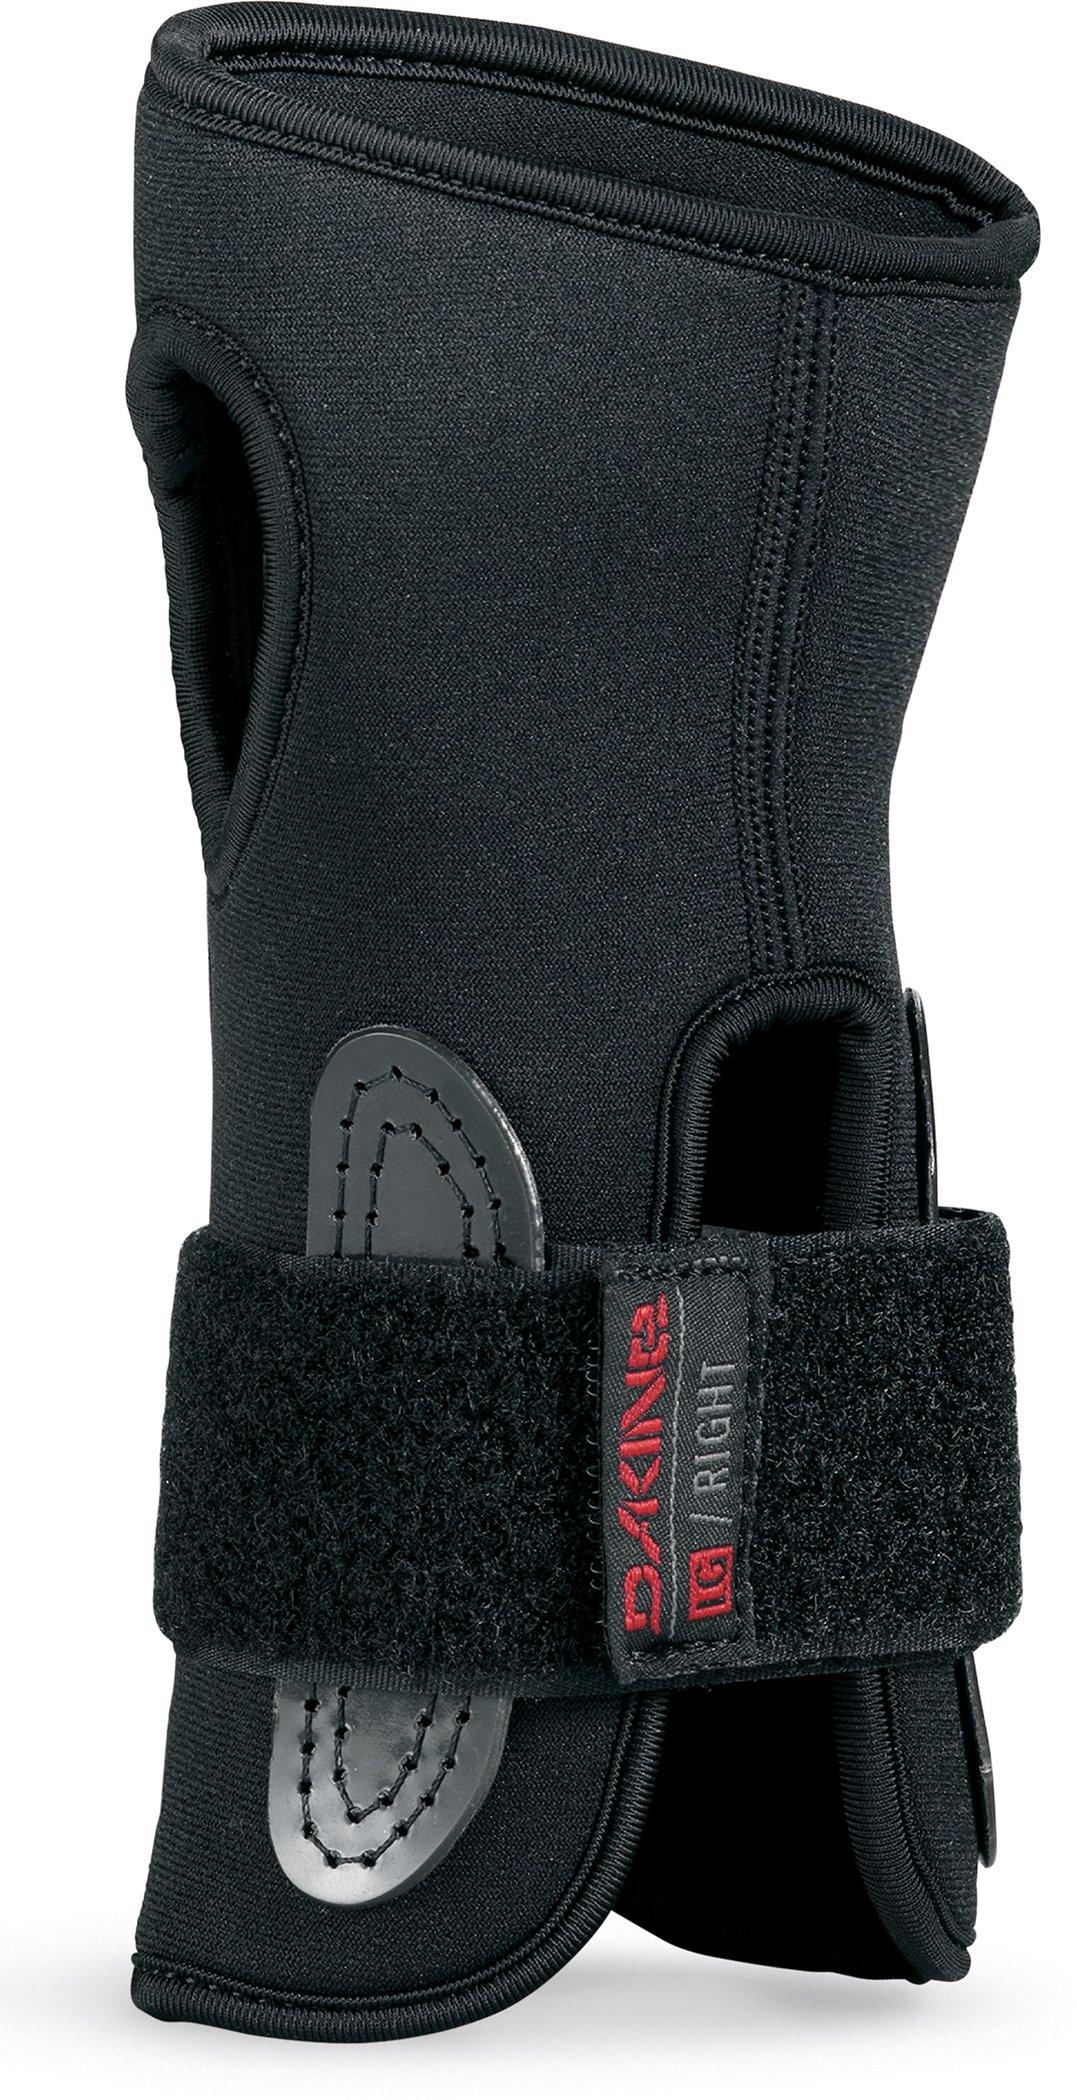 Dakine Wrist Guard (1 Pair), X-Small, Black